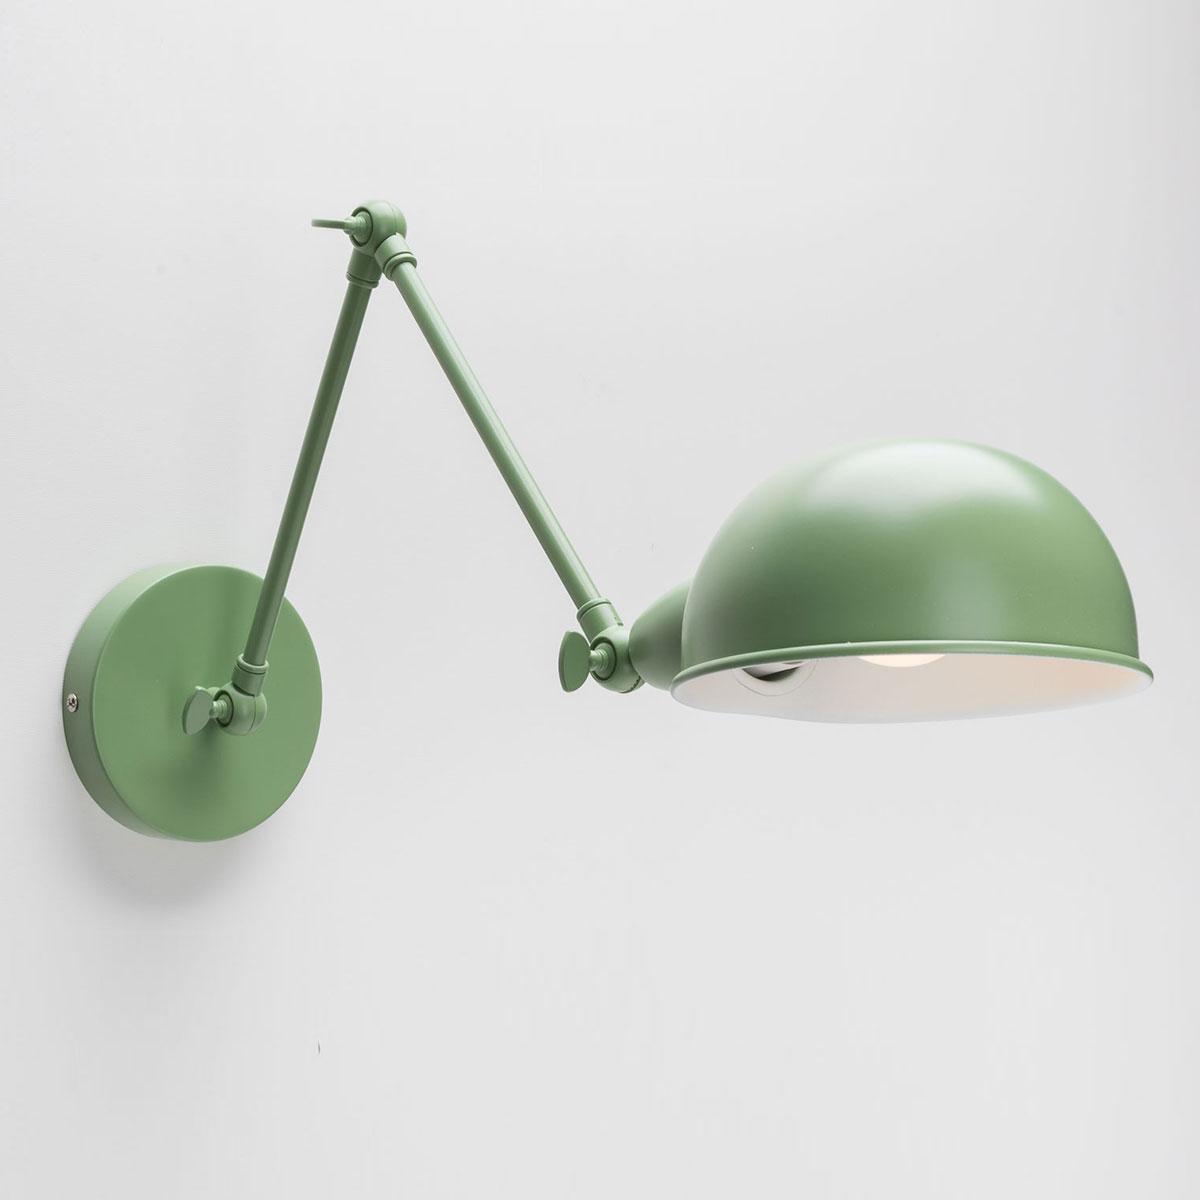 Настенный светильник Folke зеленый